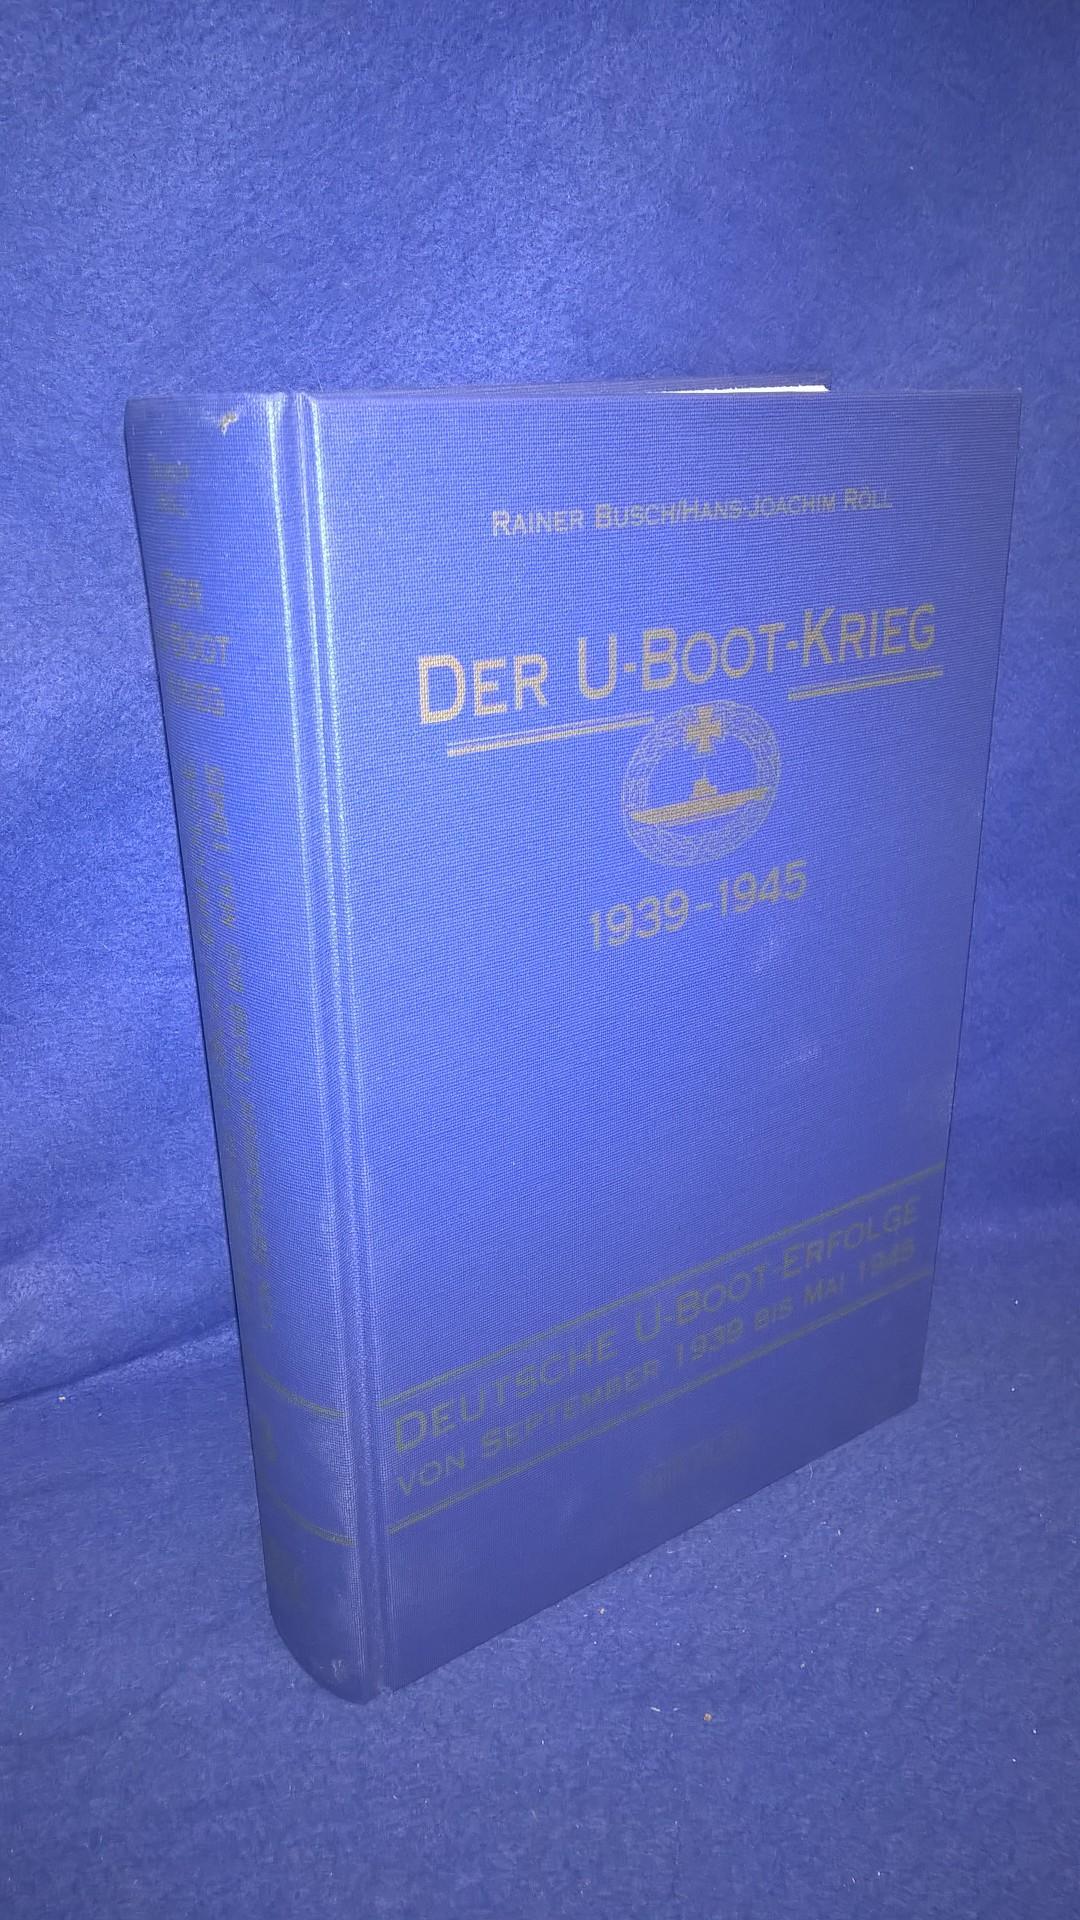 Der U- Boot- Krieg 1939 - 1945. Band 3:  Deutsche U- Boot- Erfolge von September 1939 bis Mai 1945.